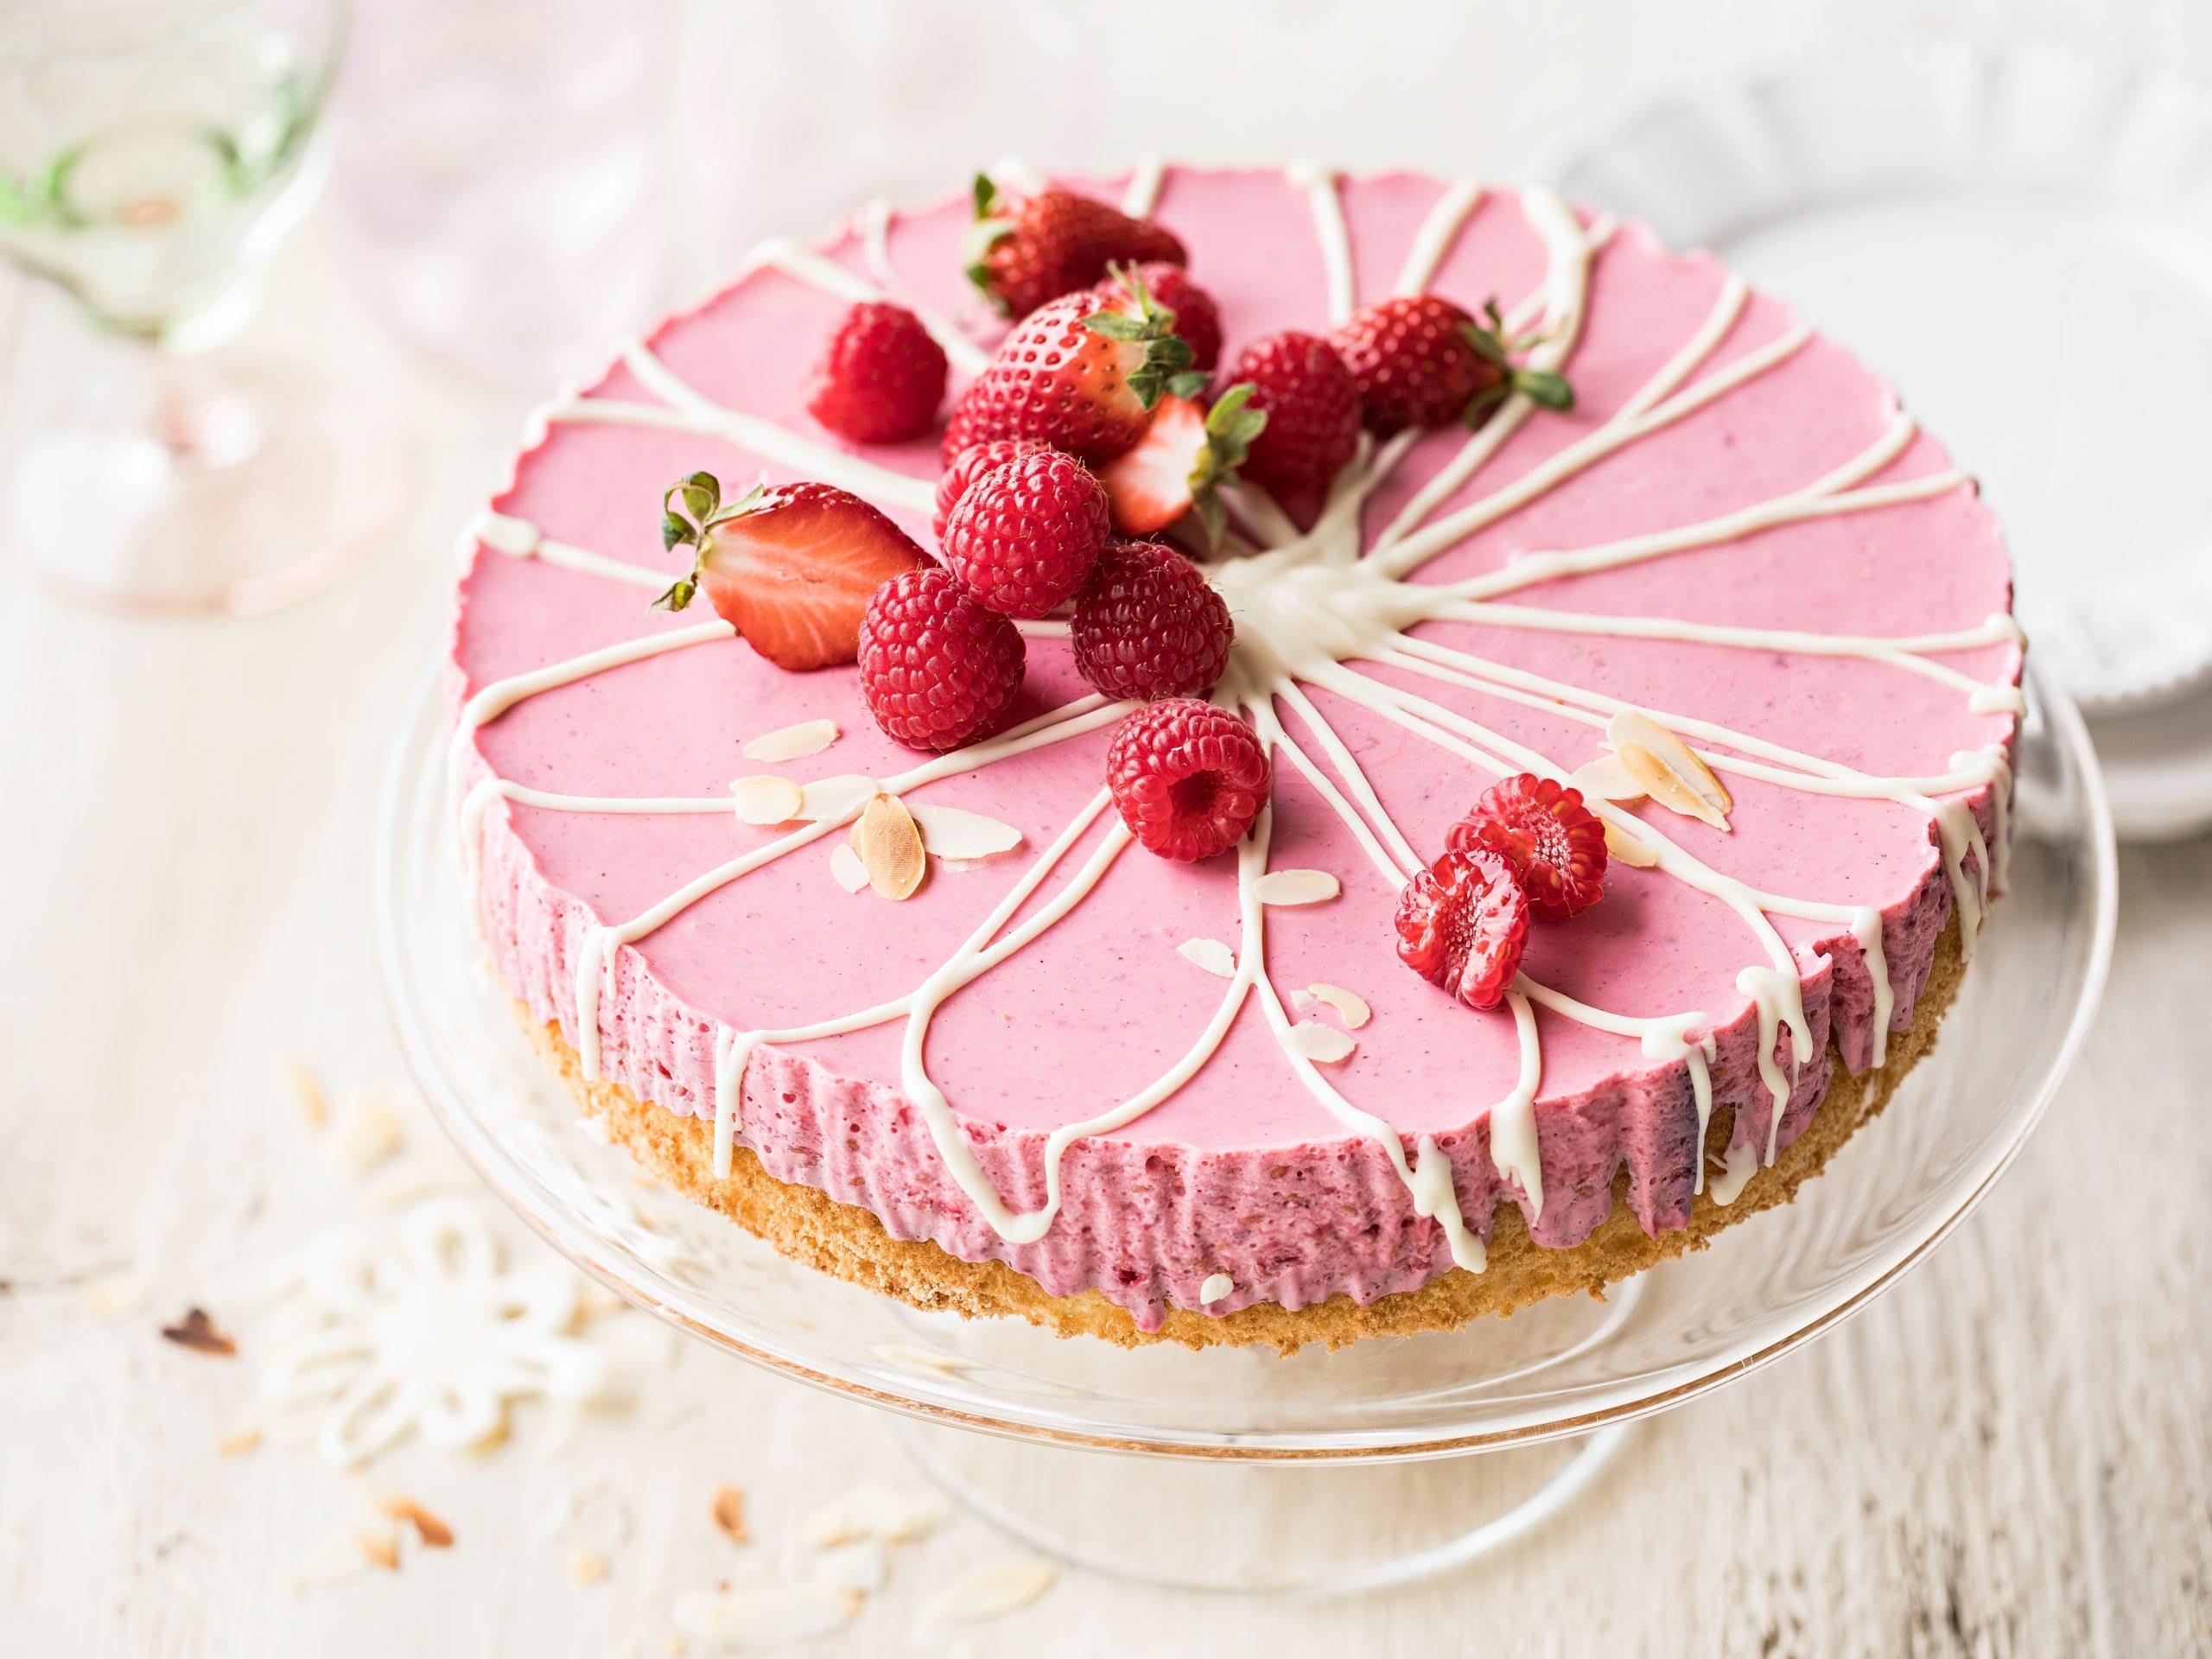 Erdbeer-Himbeer-Joghurt-Torte